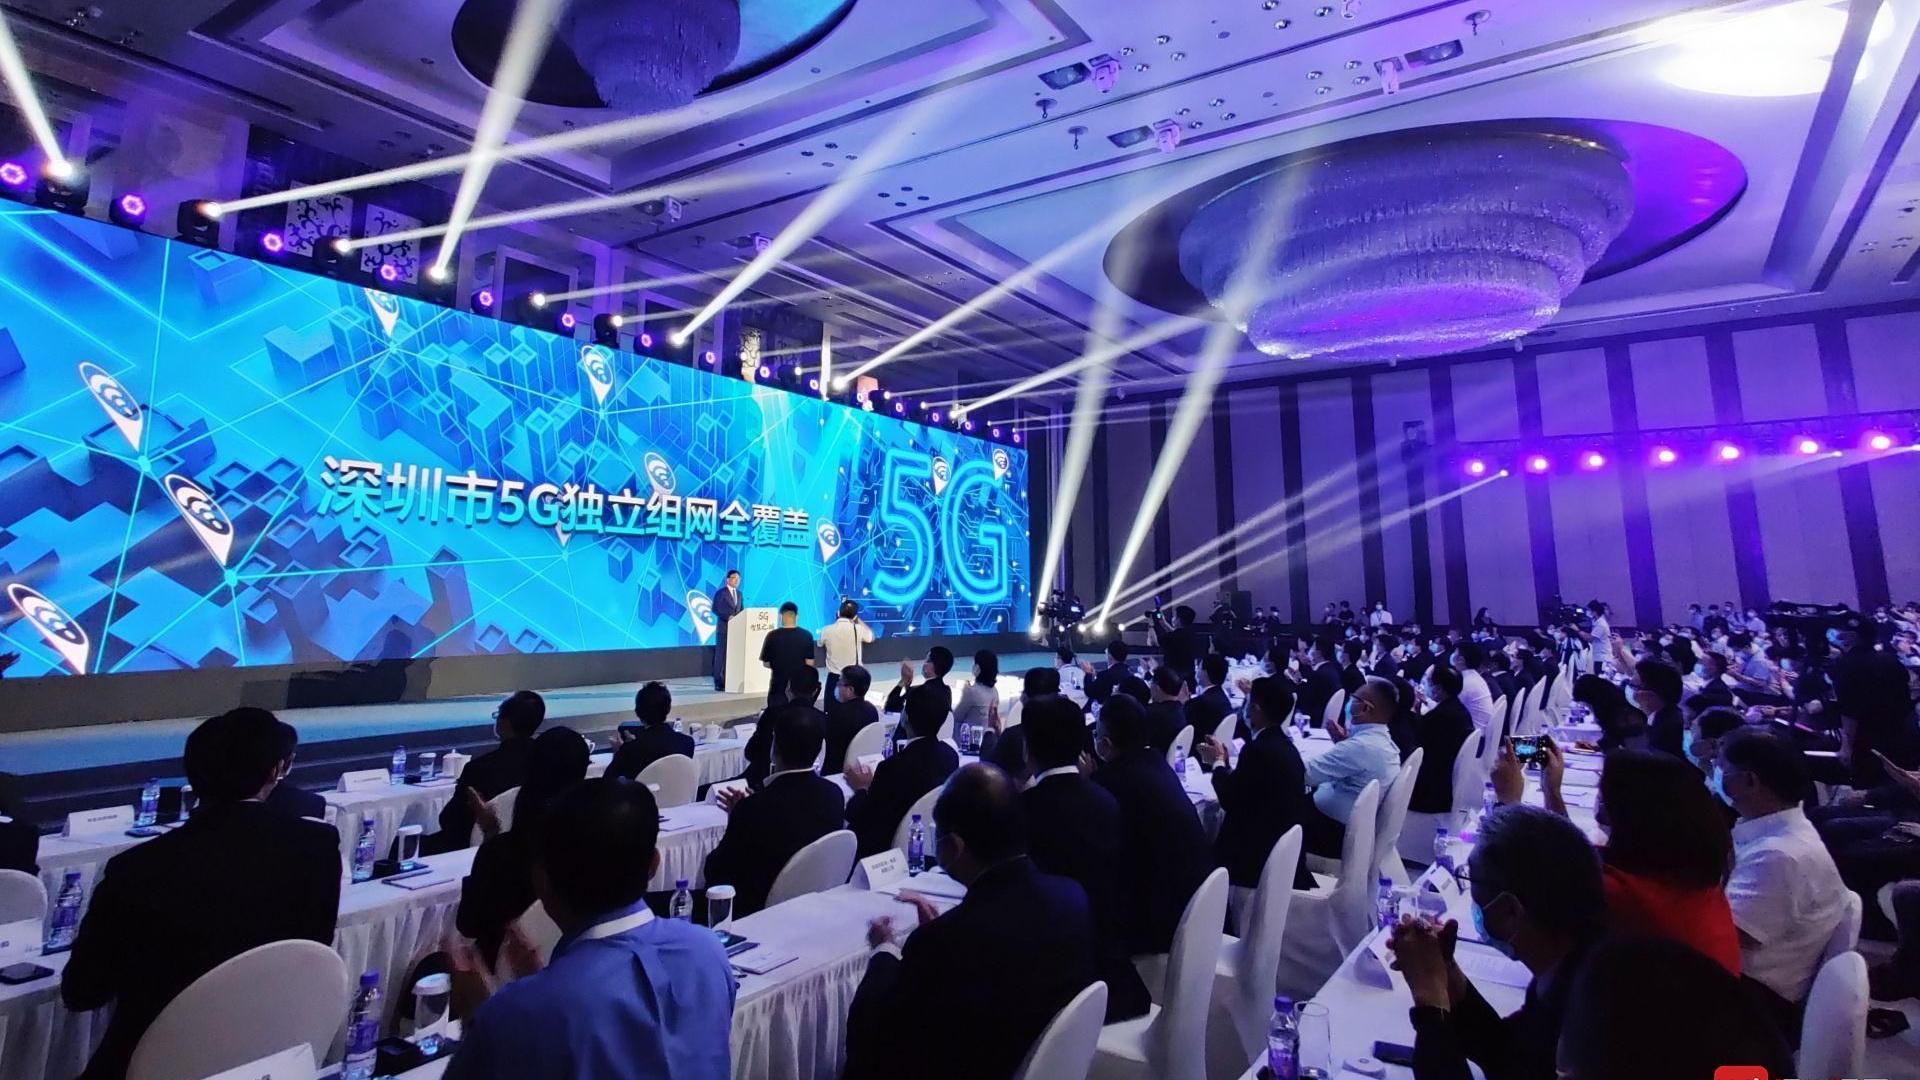 点亮深圳 5G智慧之城发布会